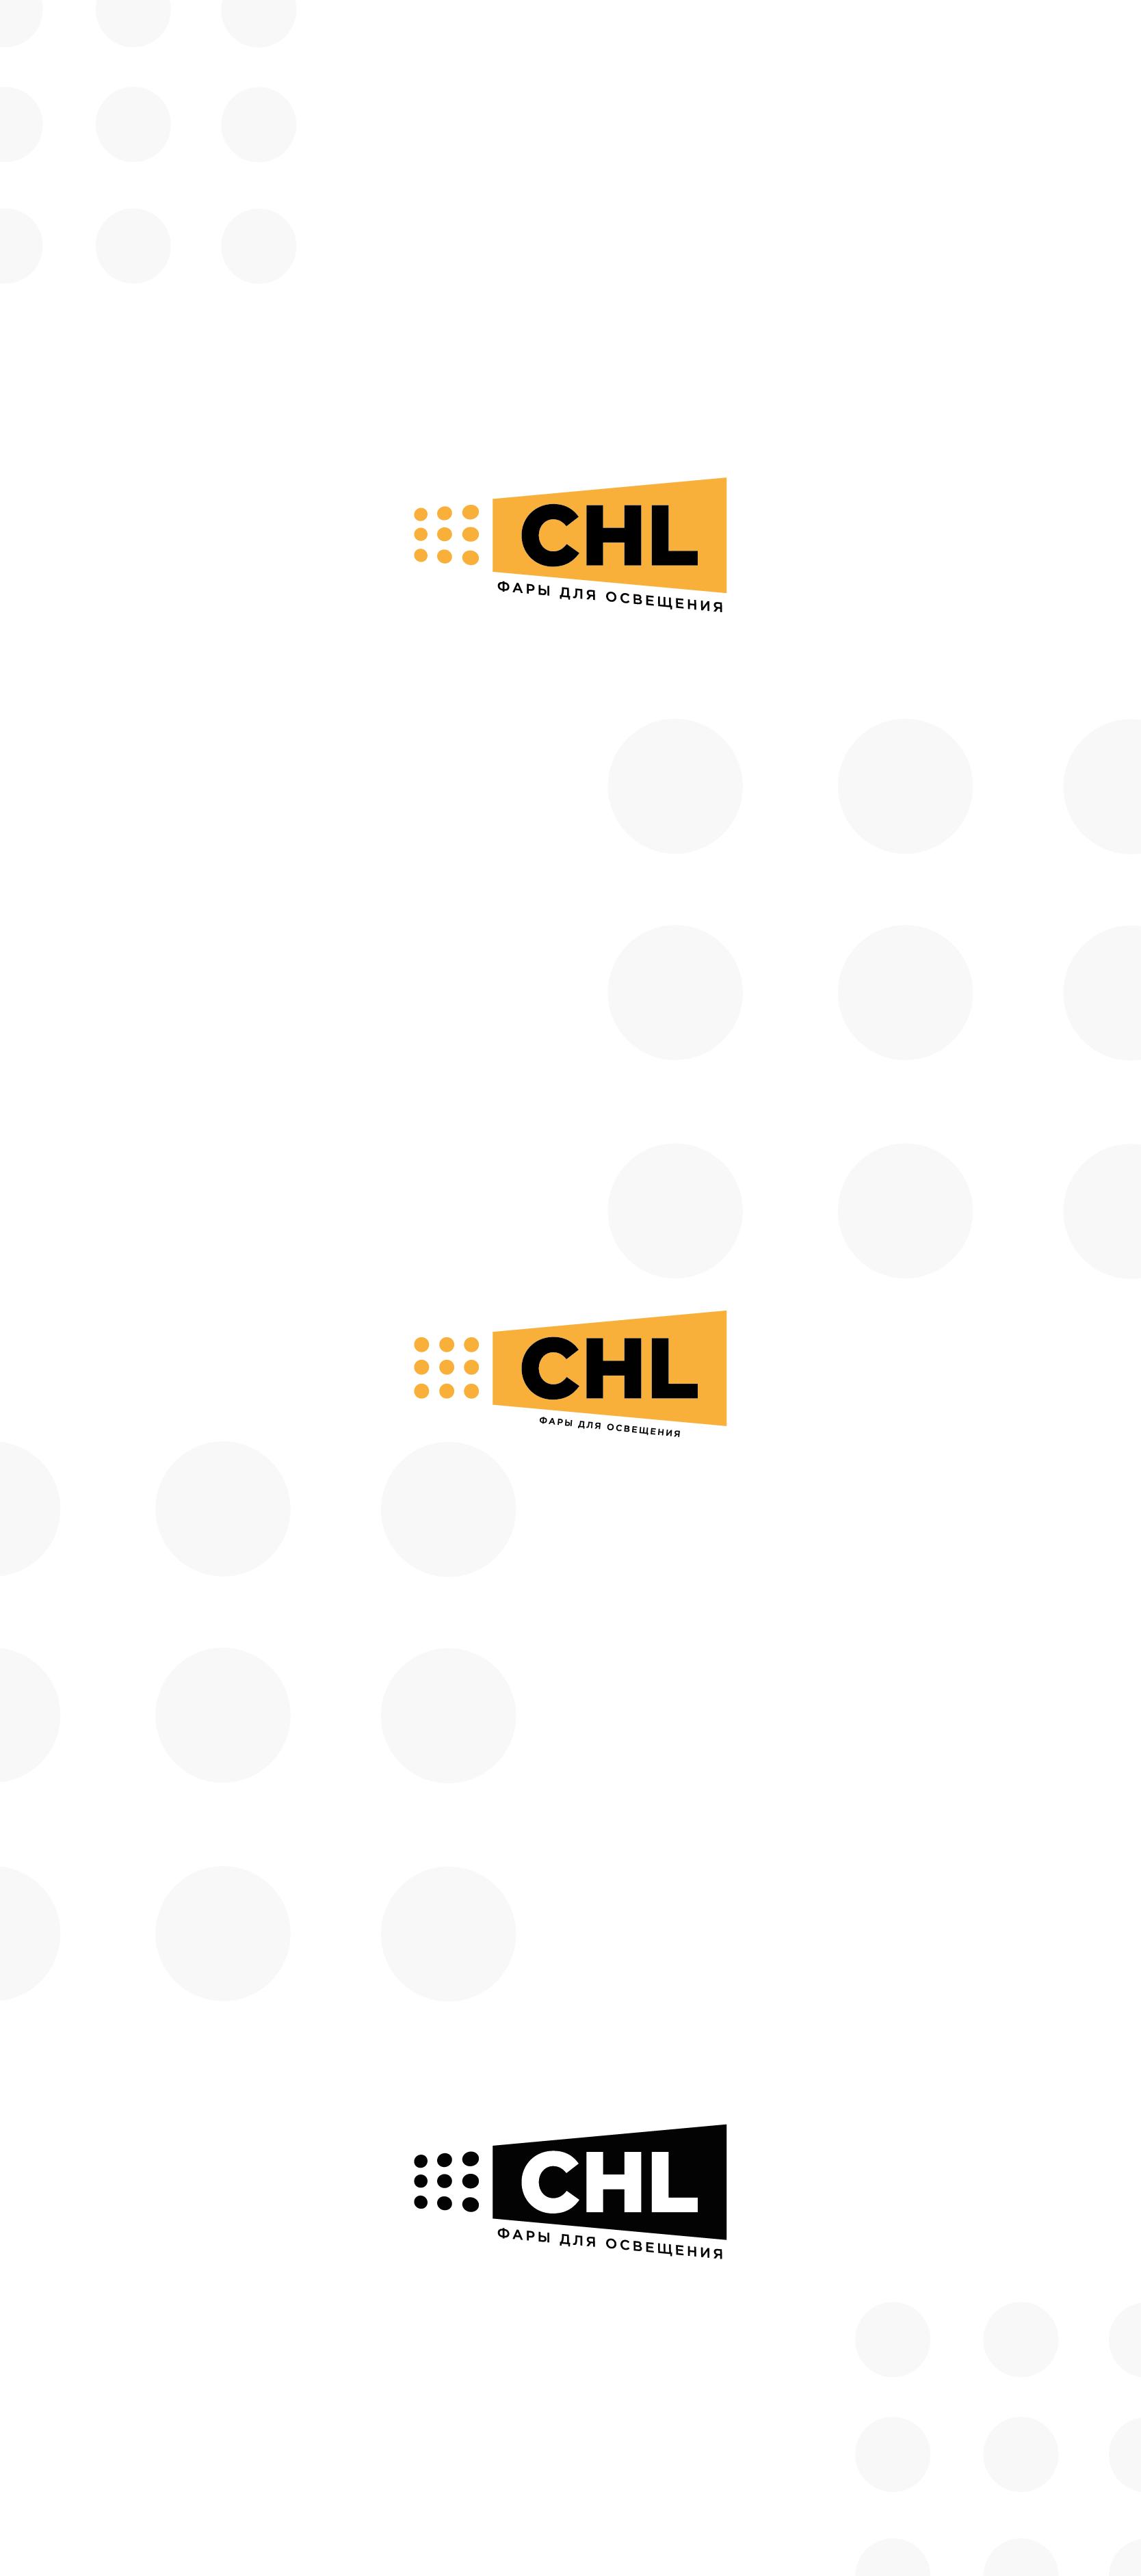 разработка логотипа для производителя фар фото f_3415f5f45180c813.png